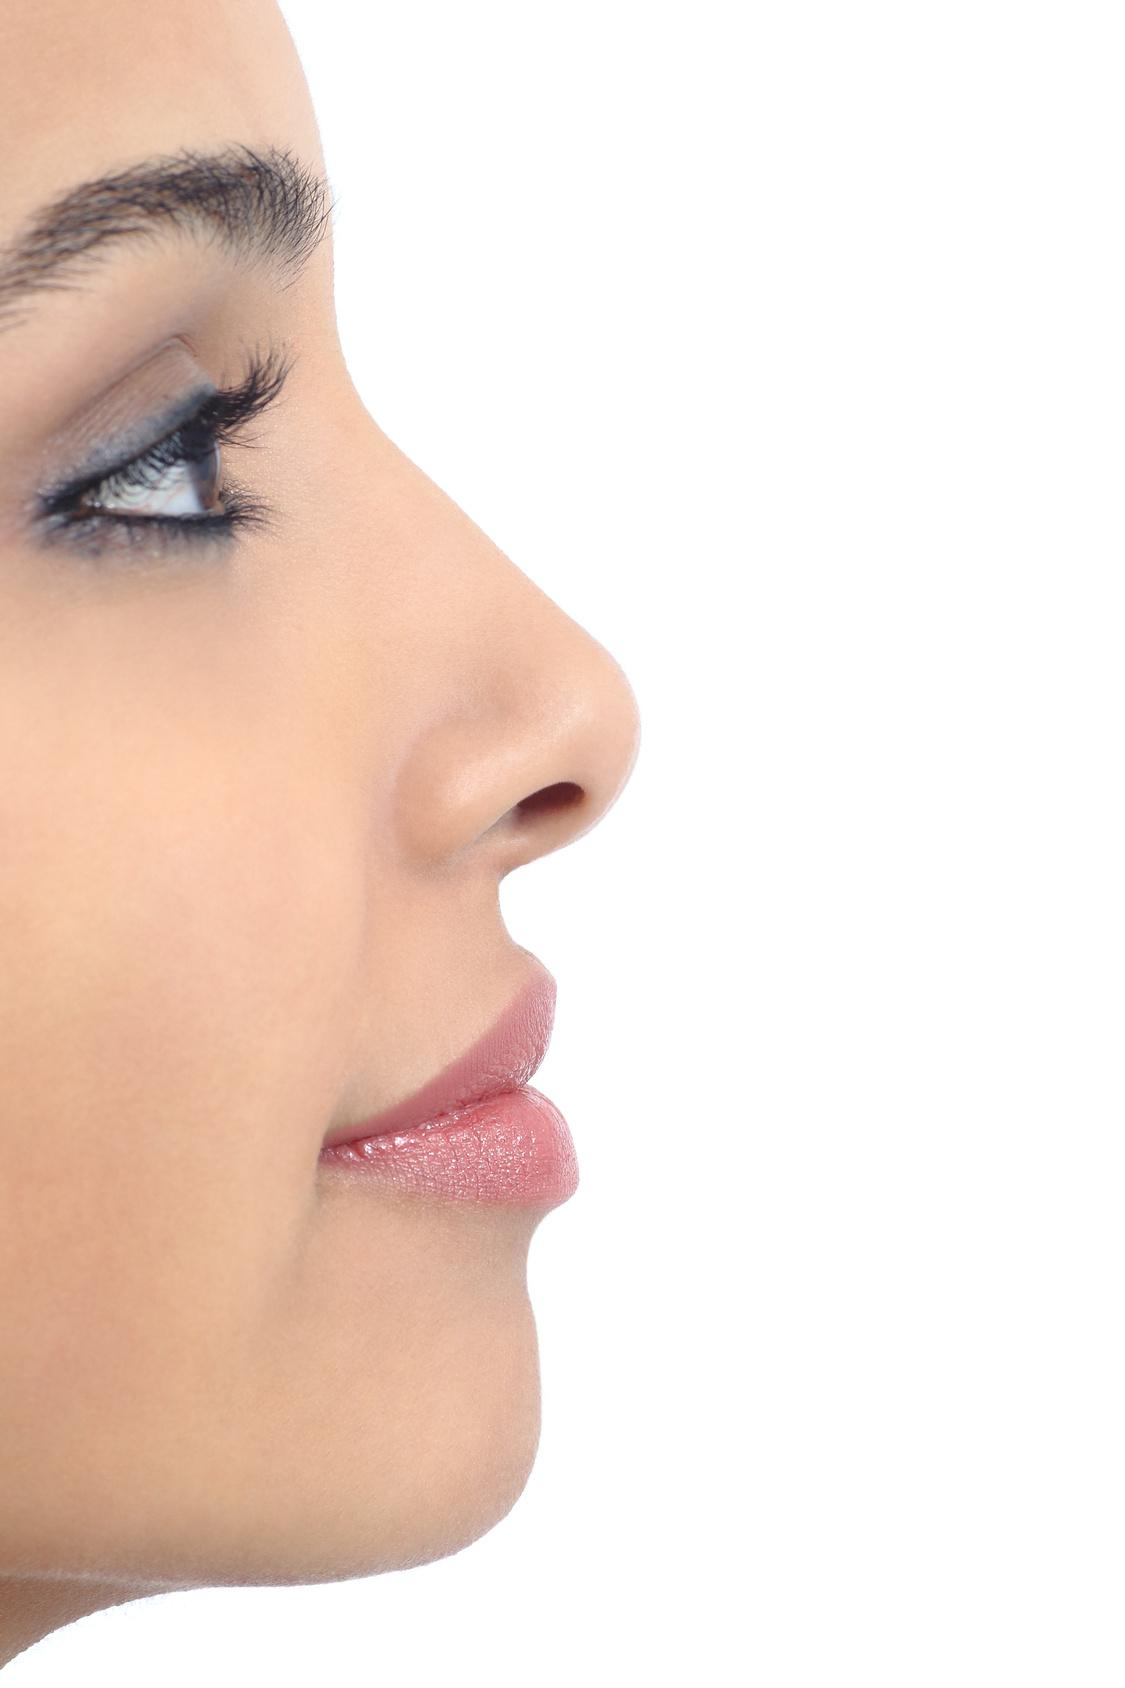 Profiloplastica: zigomi e naso perfetti a colpi di filler